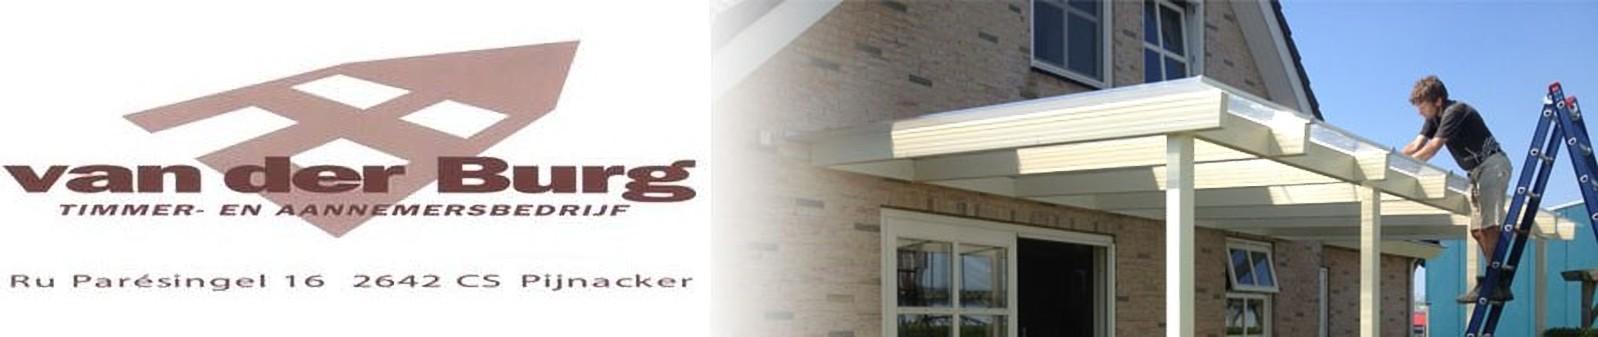 Aannemersbedrijf van der Burg          |          Tel: 06-51185881          |           Info@aannemersbedrijfvanderburg.nl